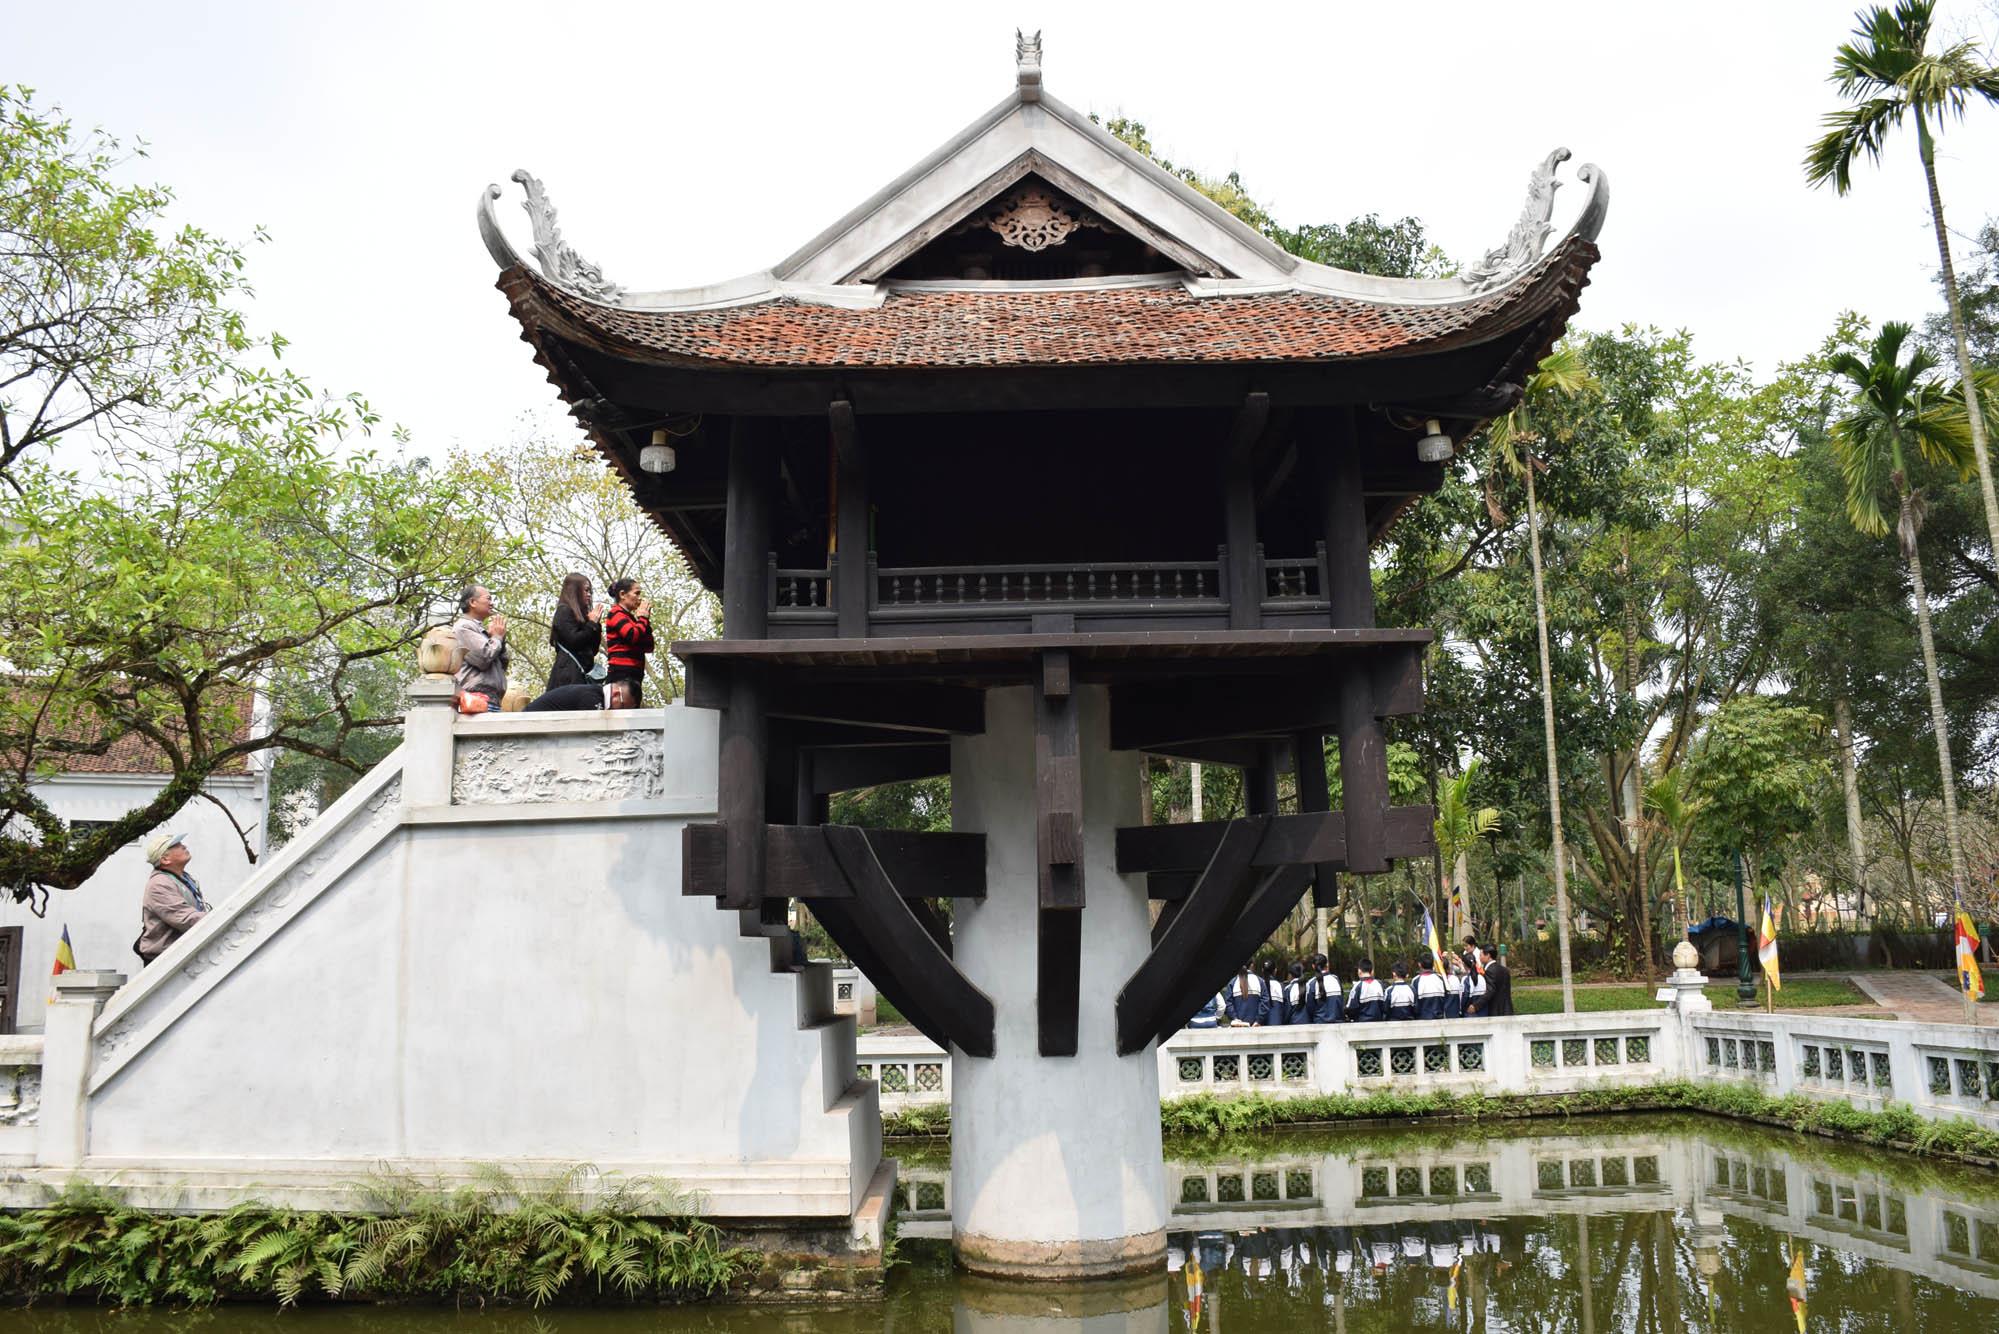 One Pillar Pagoda, dentro do Complexo Ho Chi Minh, em Hanoi - pequenininha, porém super sagrada.